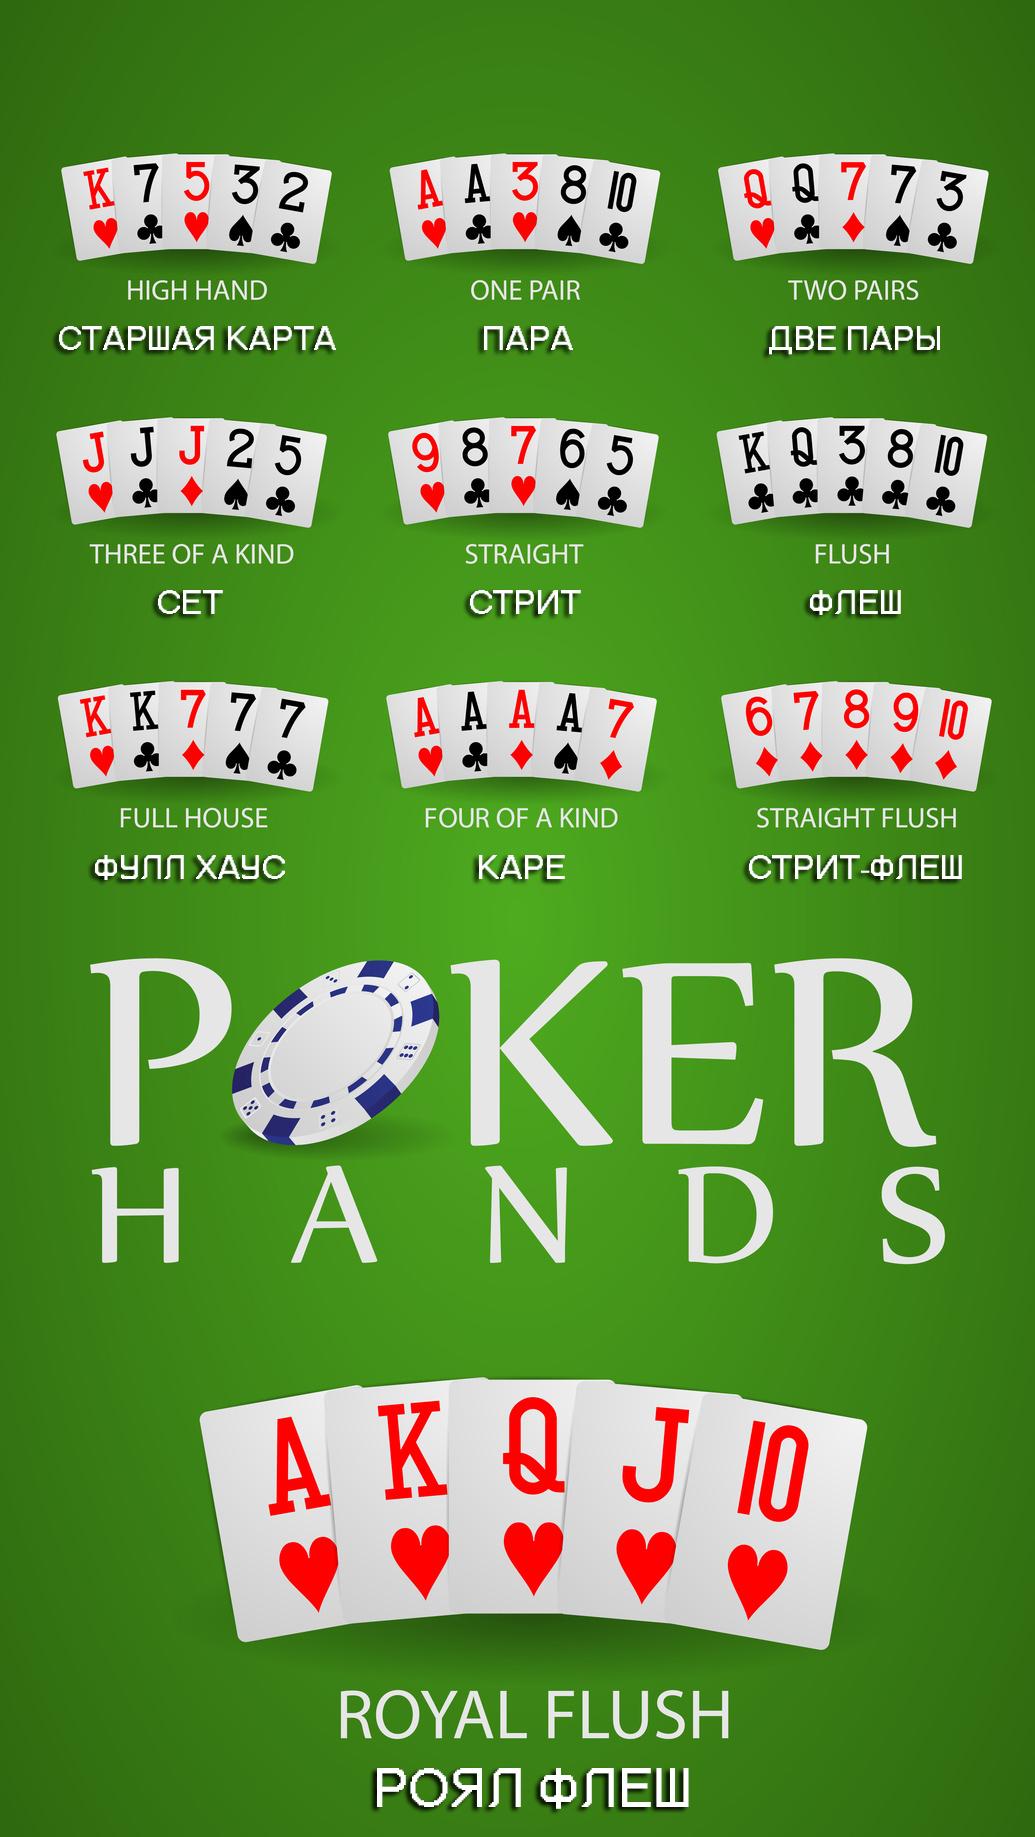 Зарегистрированное официальное онлайн казино